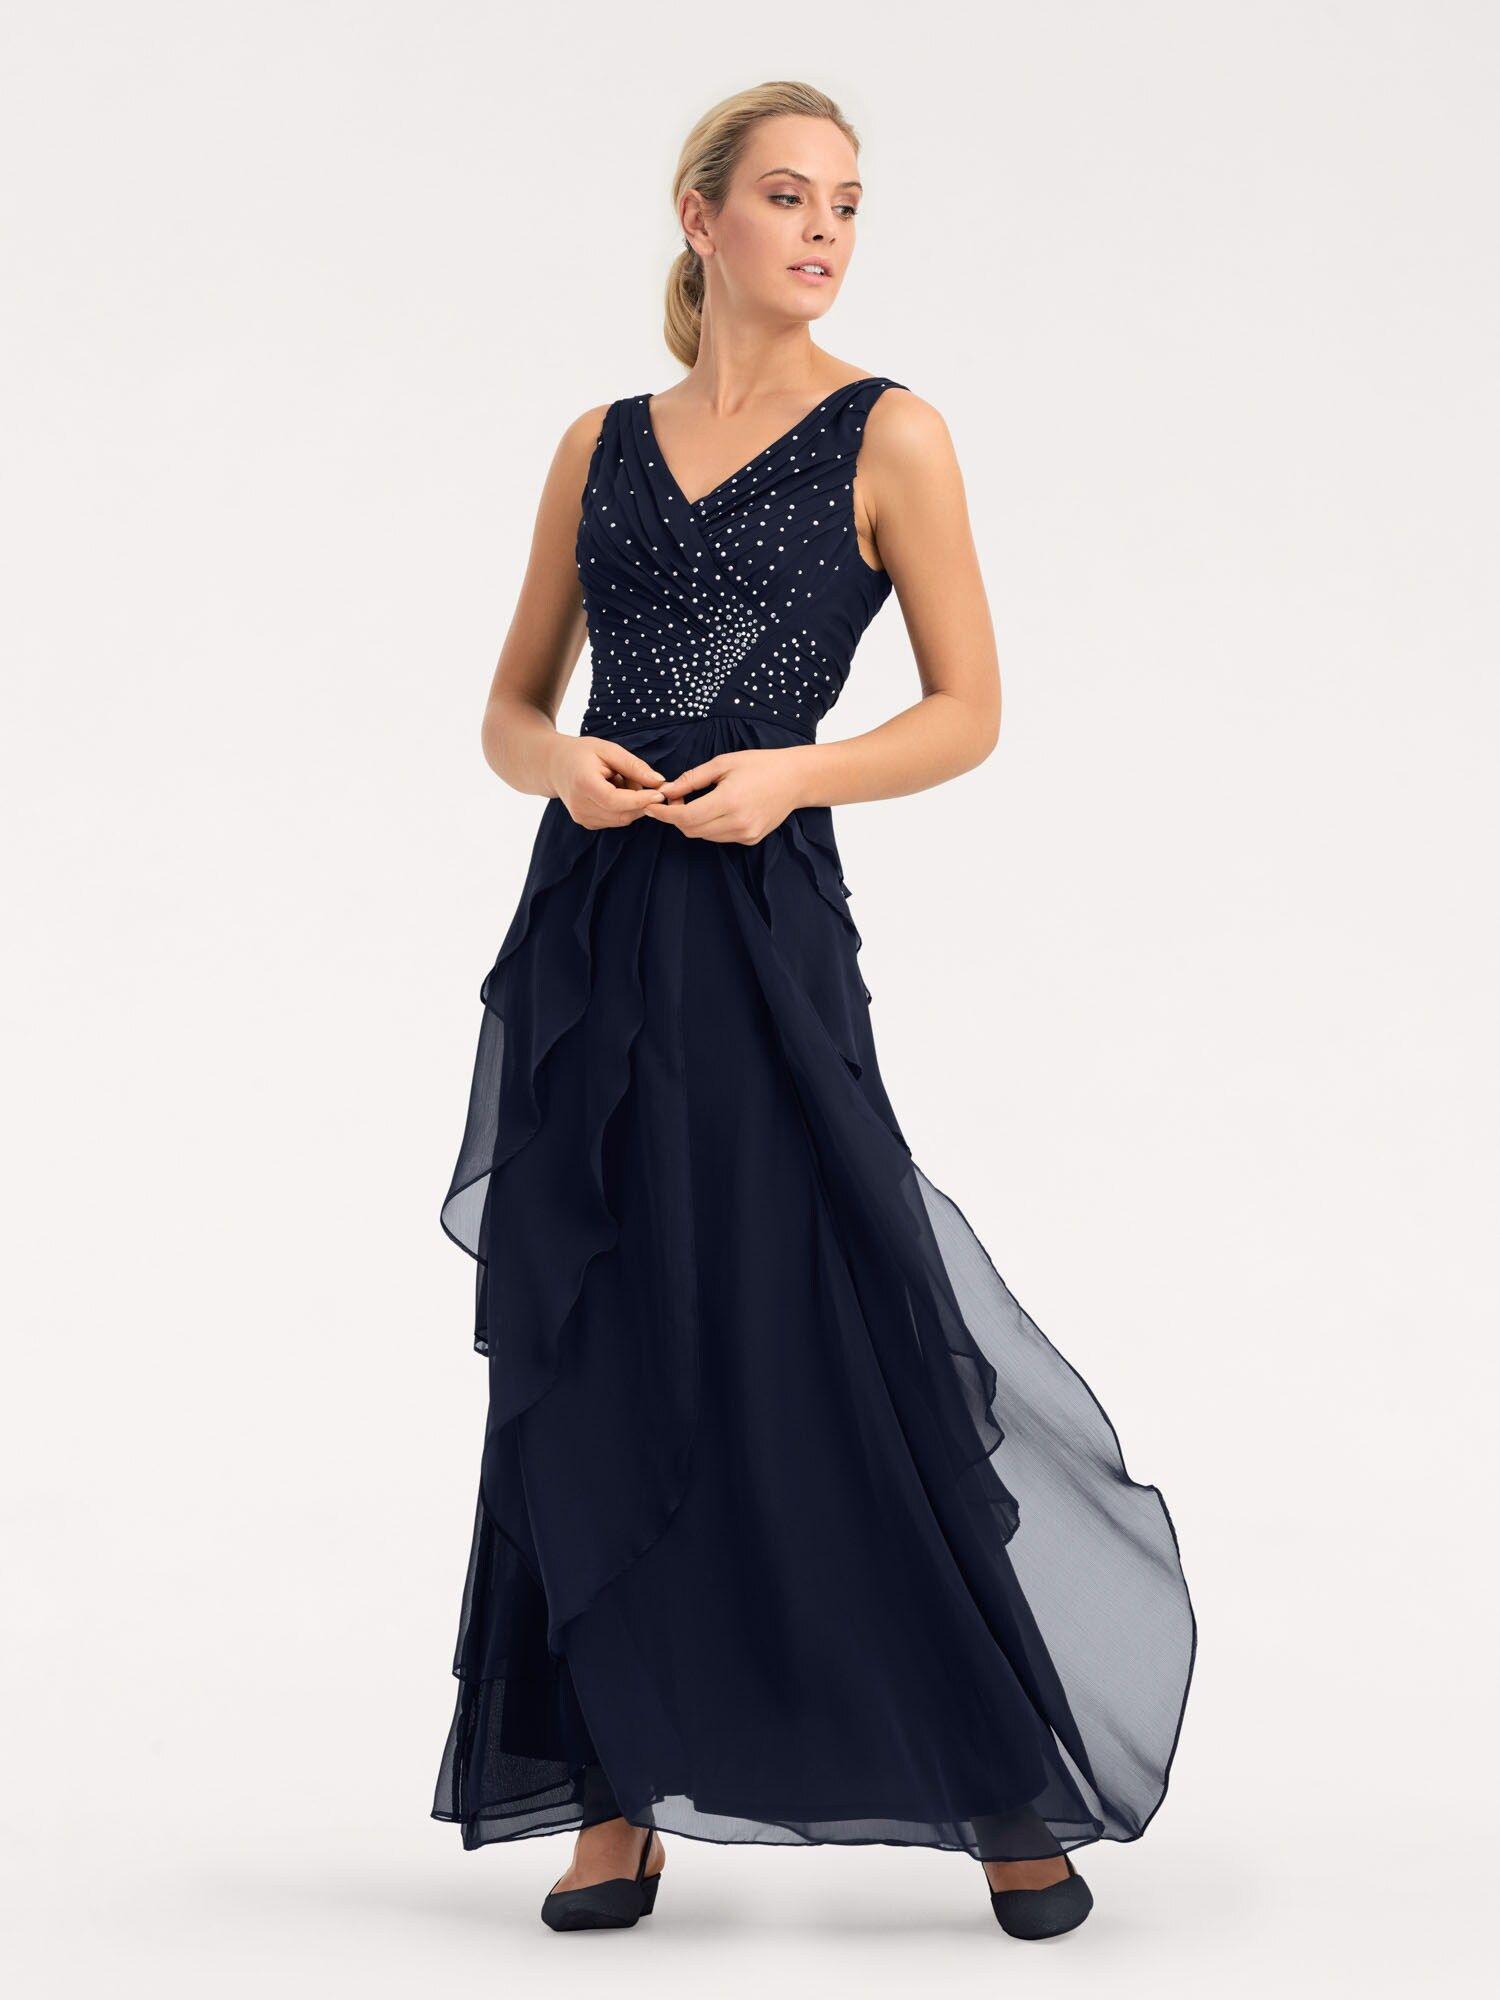 10 Luxurius Abendkleid Heine SpezialgebietAbend Schön Abendkleid Heine Stylish